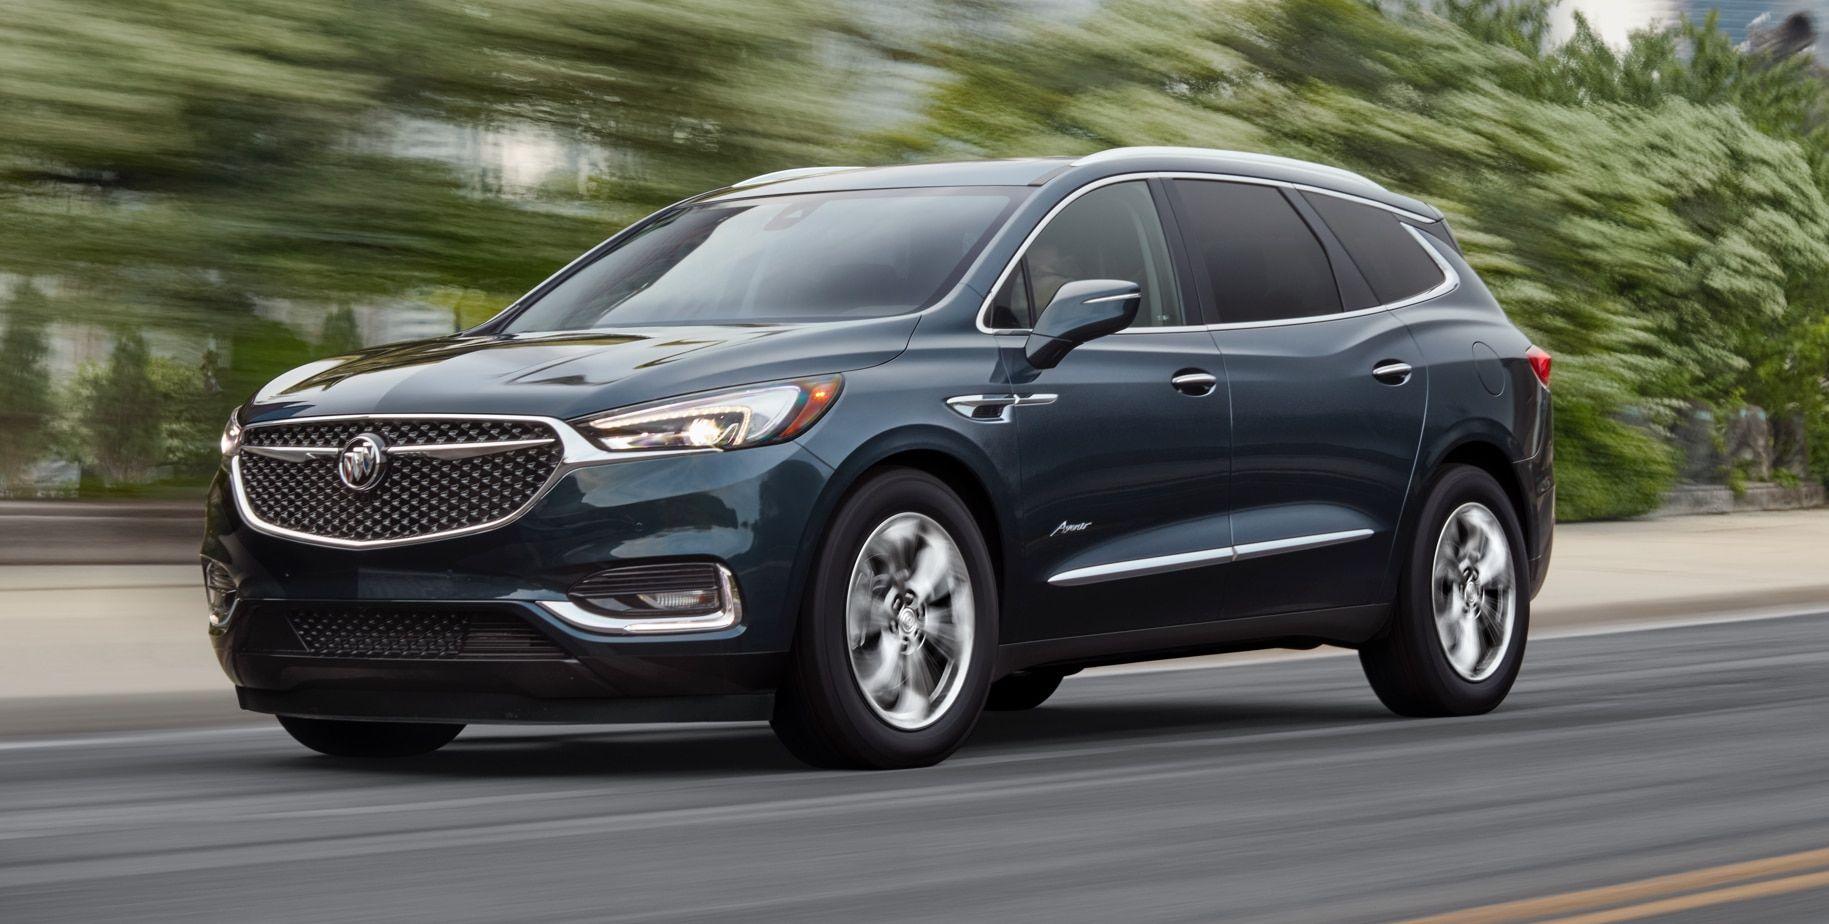 2019 Buick Enclave Avenir Luxury Suv Model Details 2020 Buick